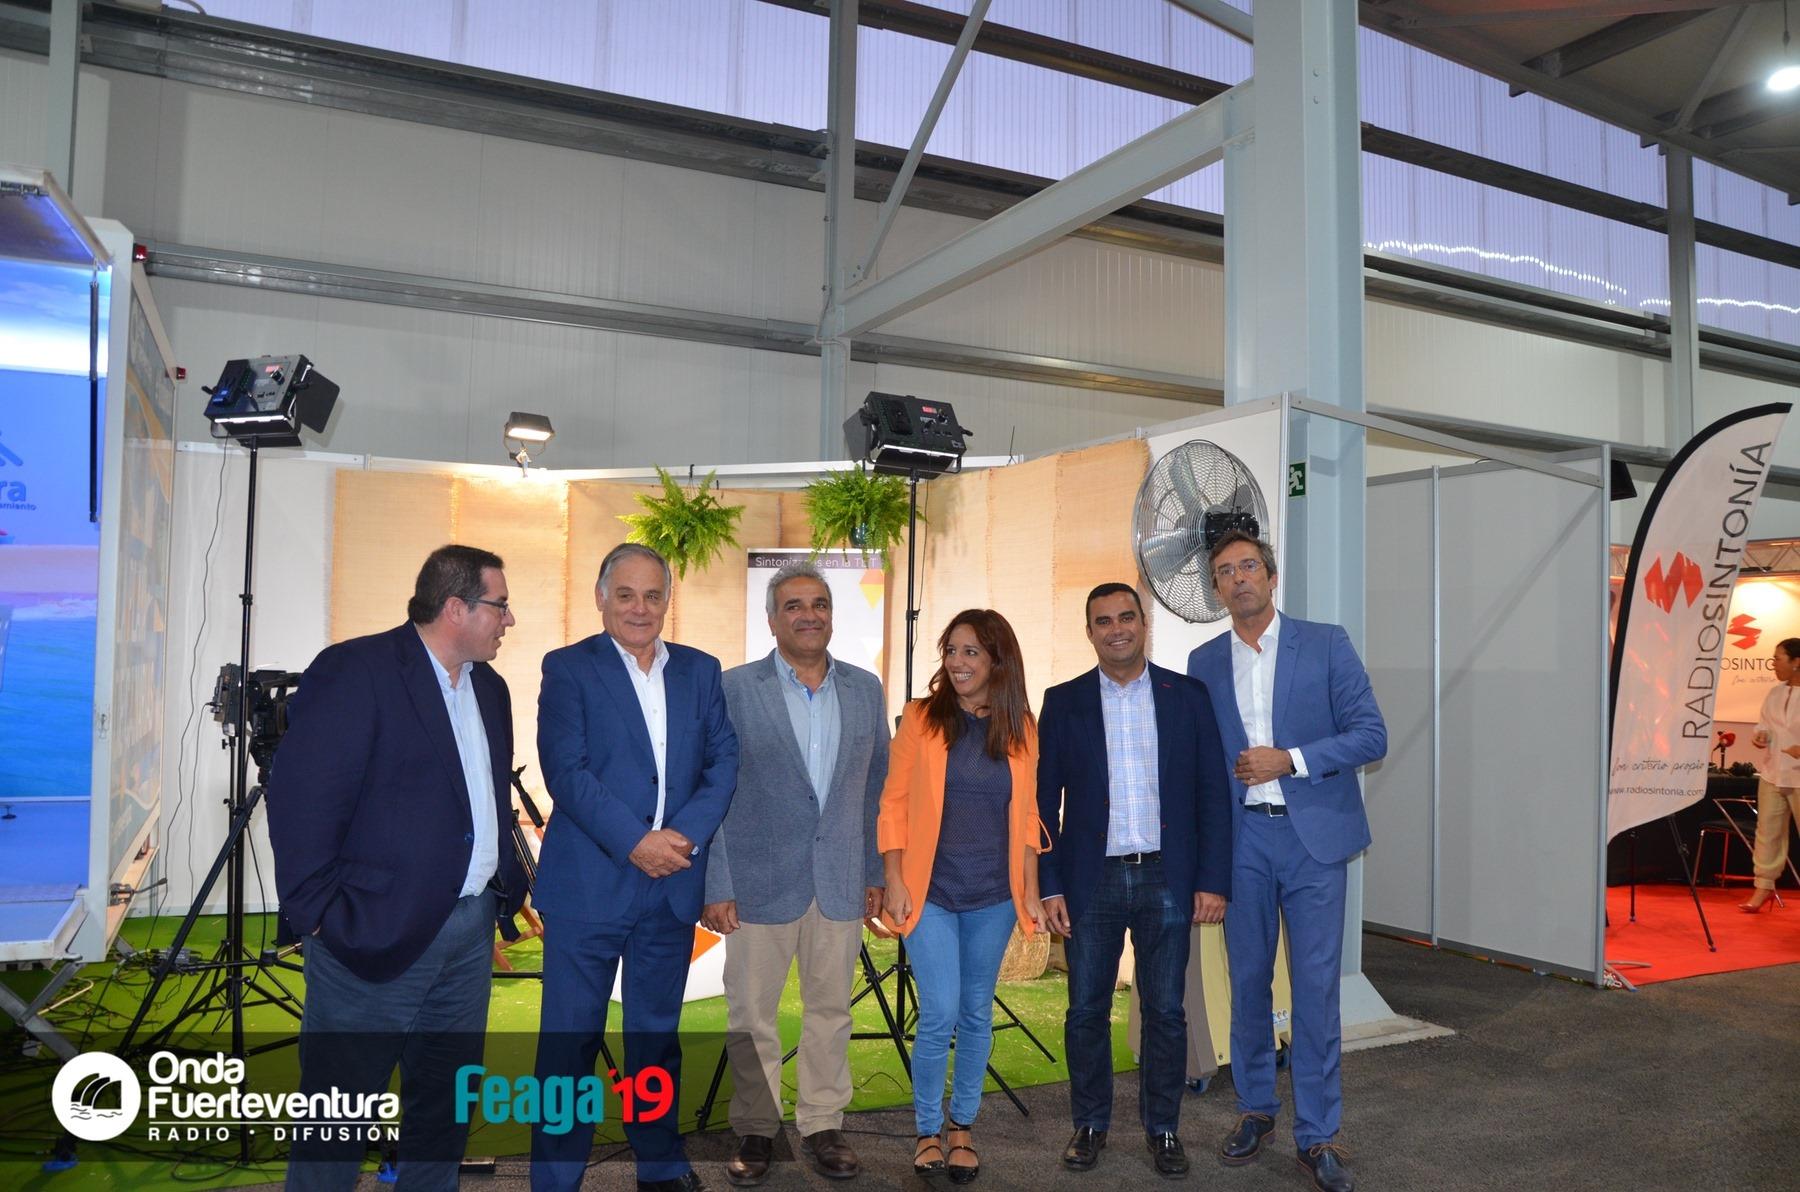 62590342_2561823273835921_2556513346606071808_n 75.000 euros para la celebración de la Feria Feaga 2021